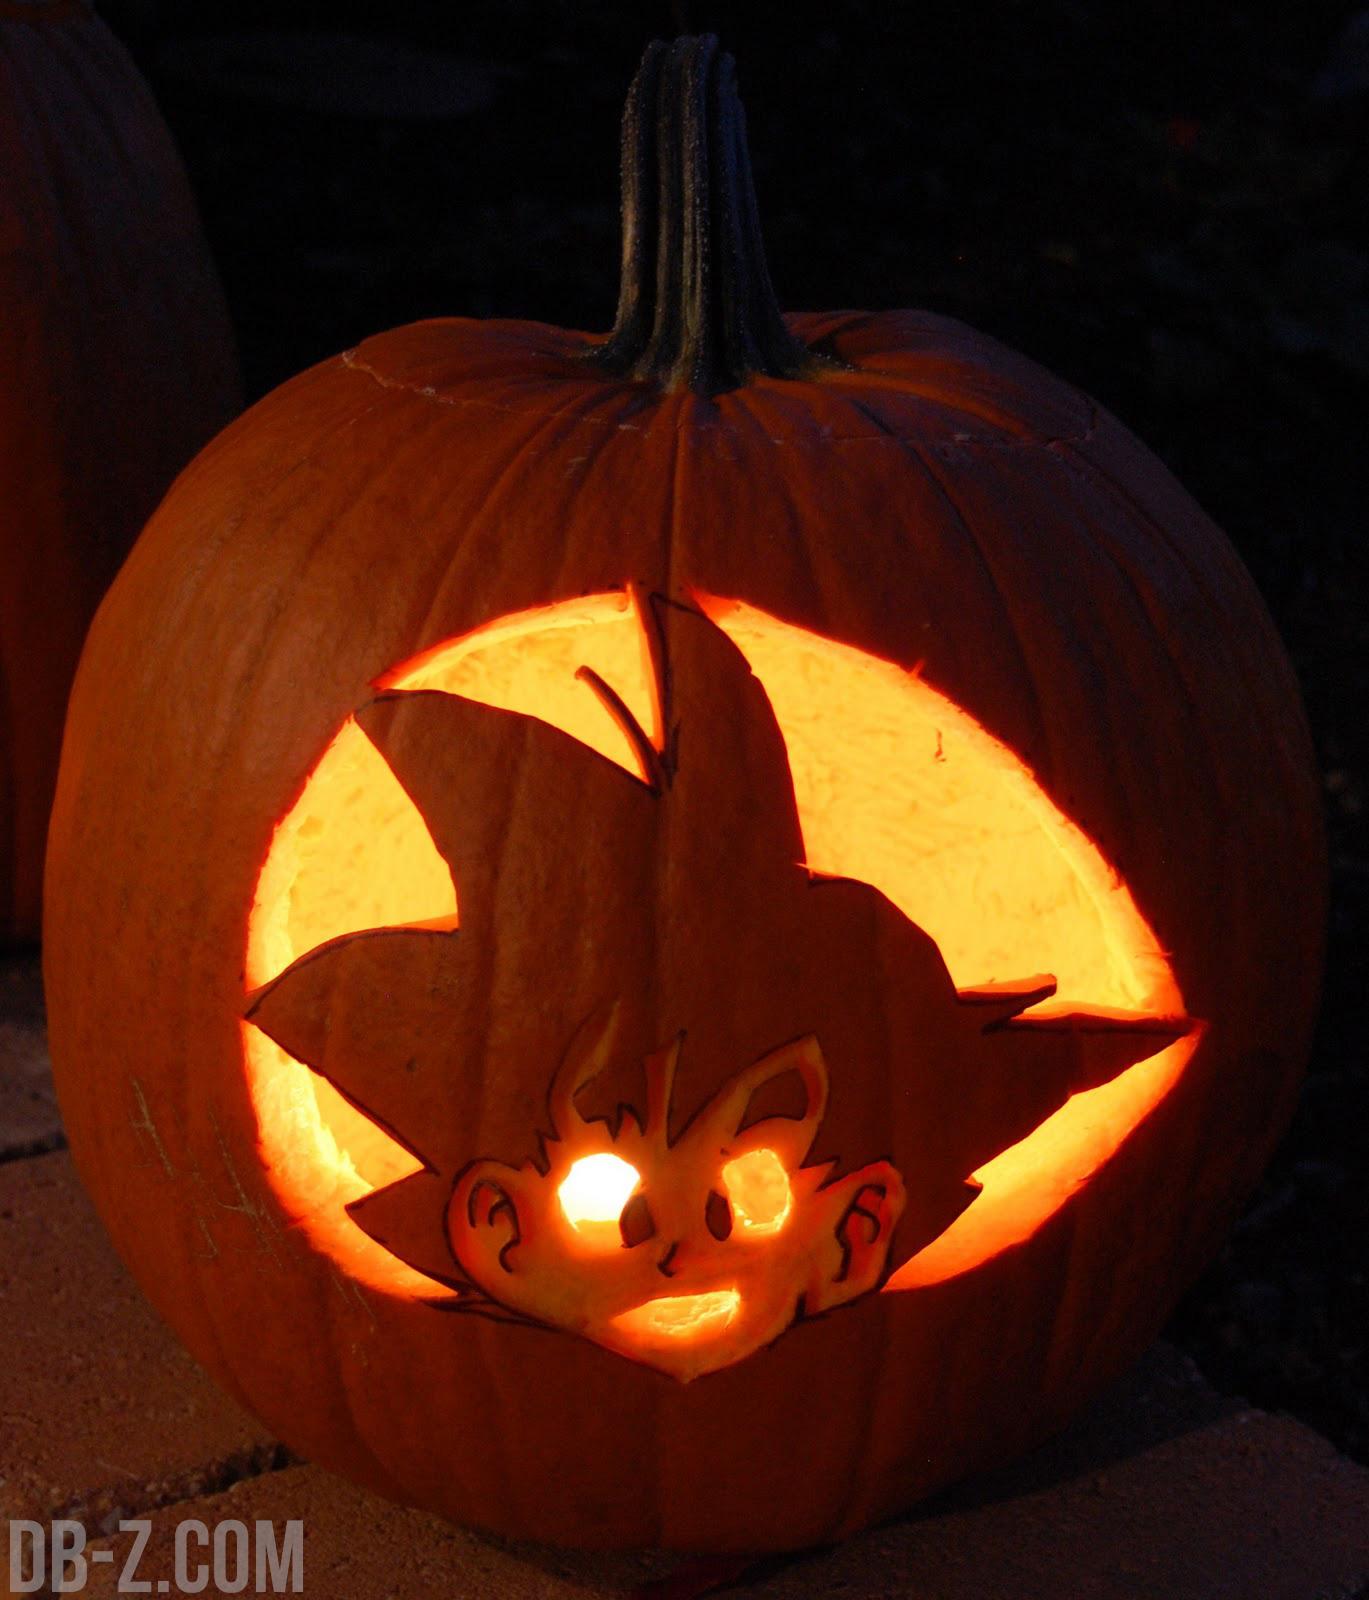 dragon ball z halloween pumpkin carving patterns